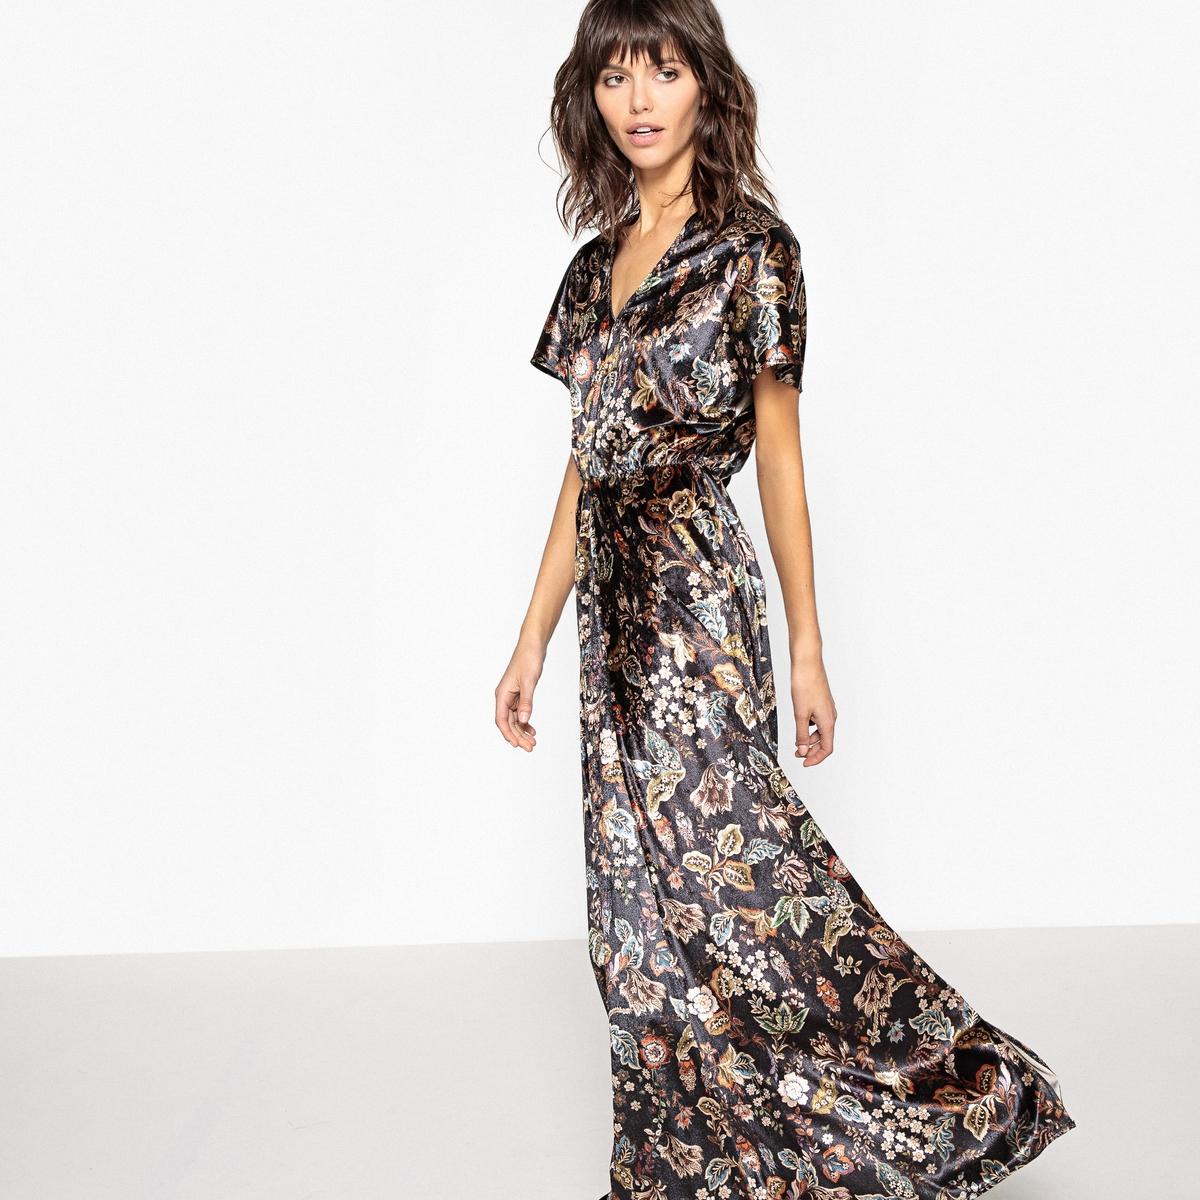 Платье длинное из велюра с цветочным принтом платье длинное из трикотажа с цветочным принтом короткие рукава